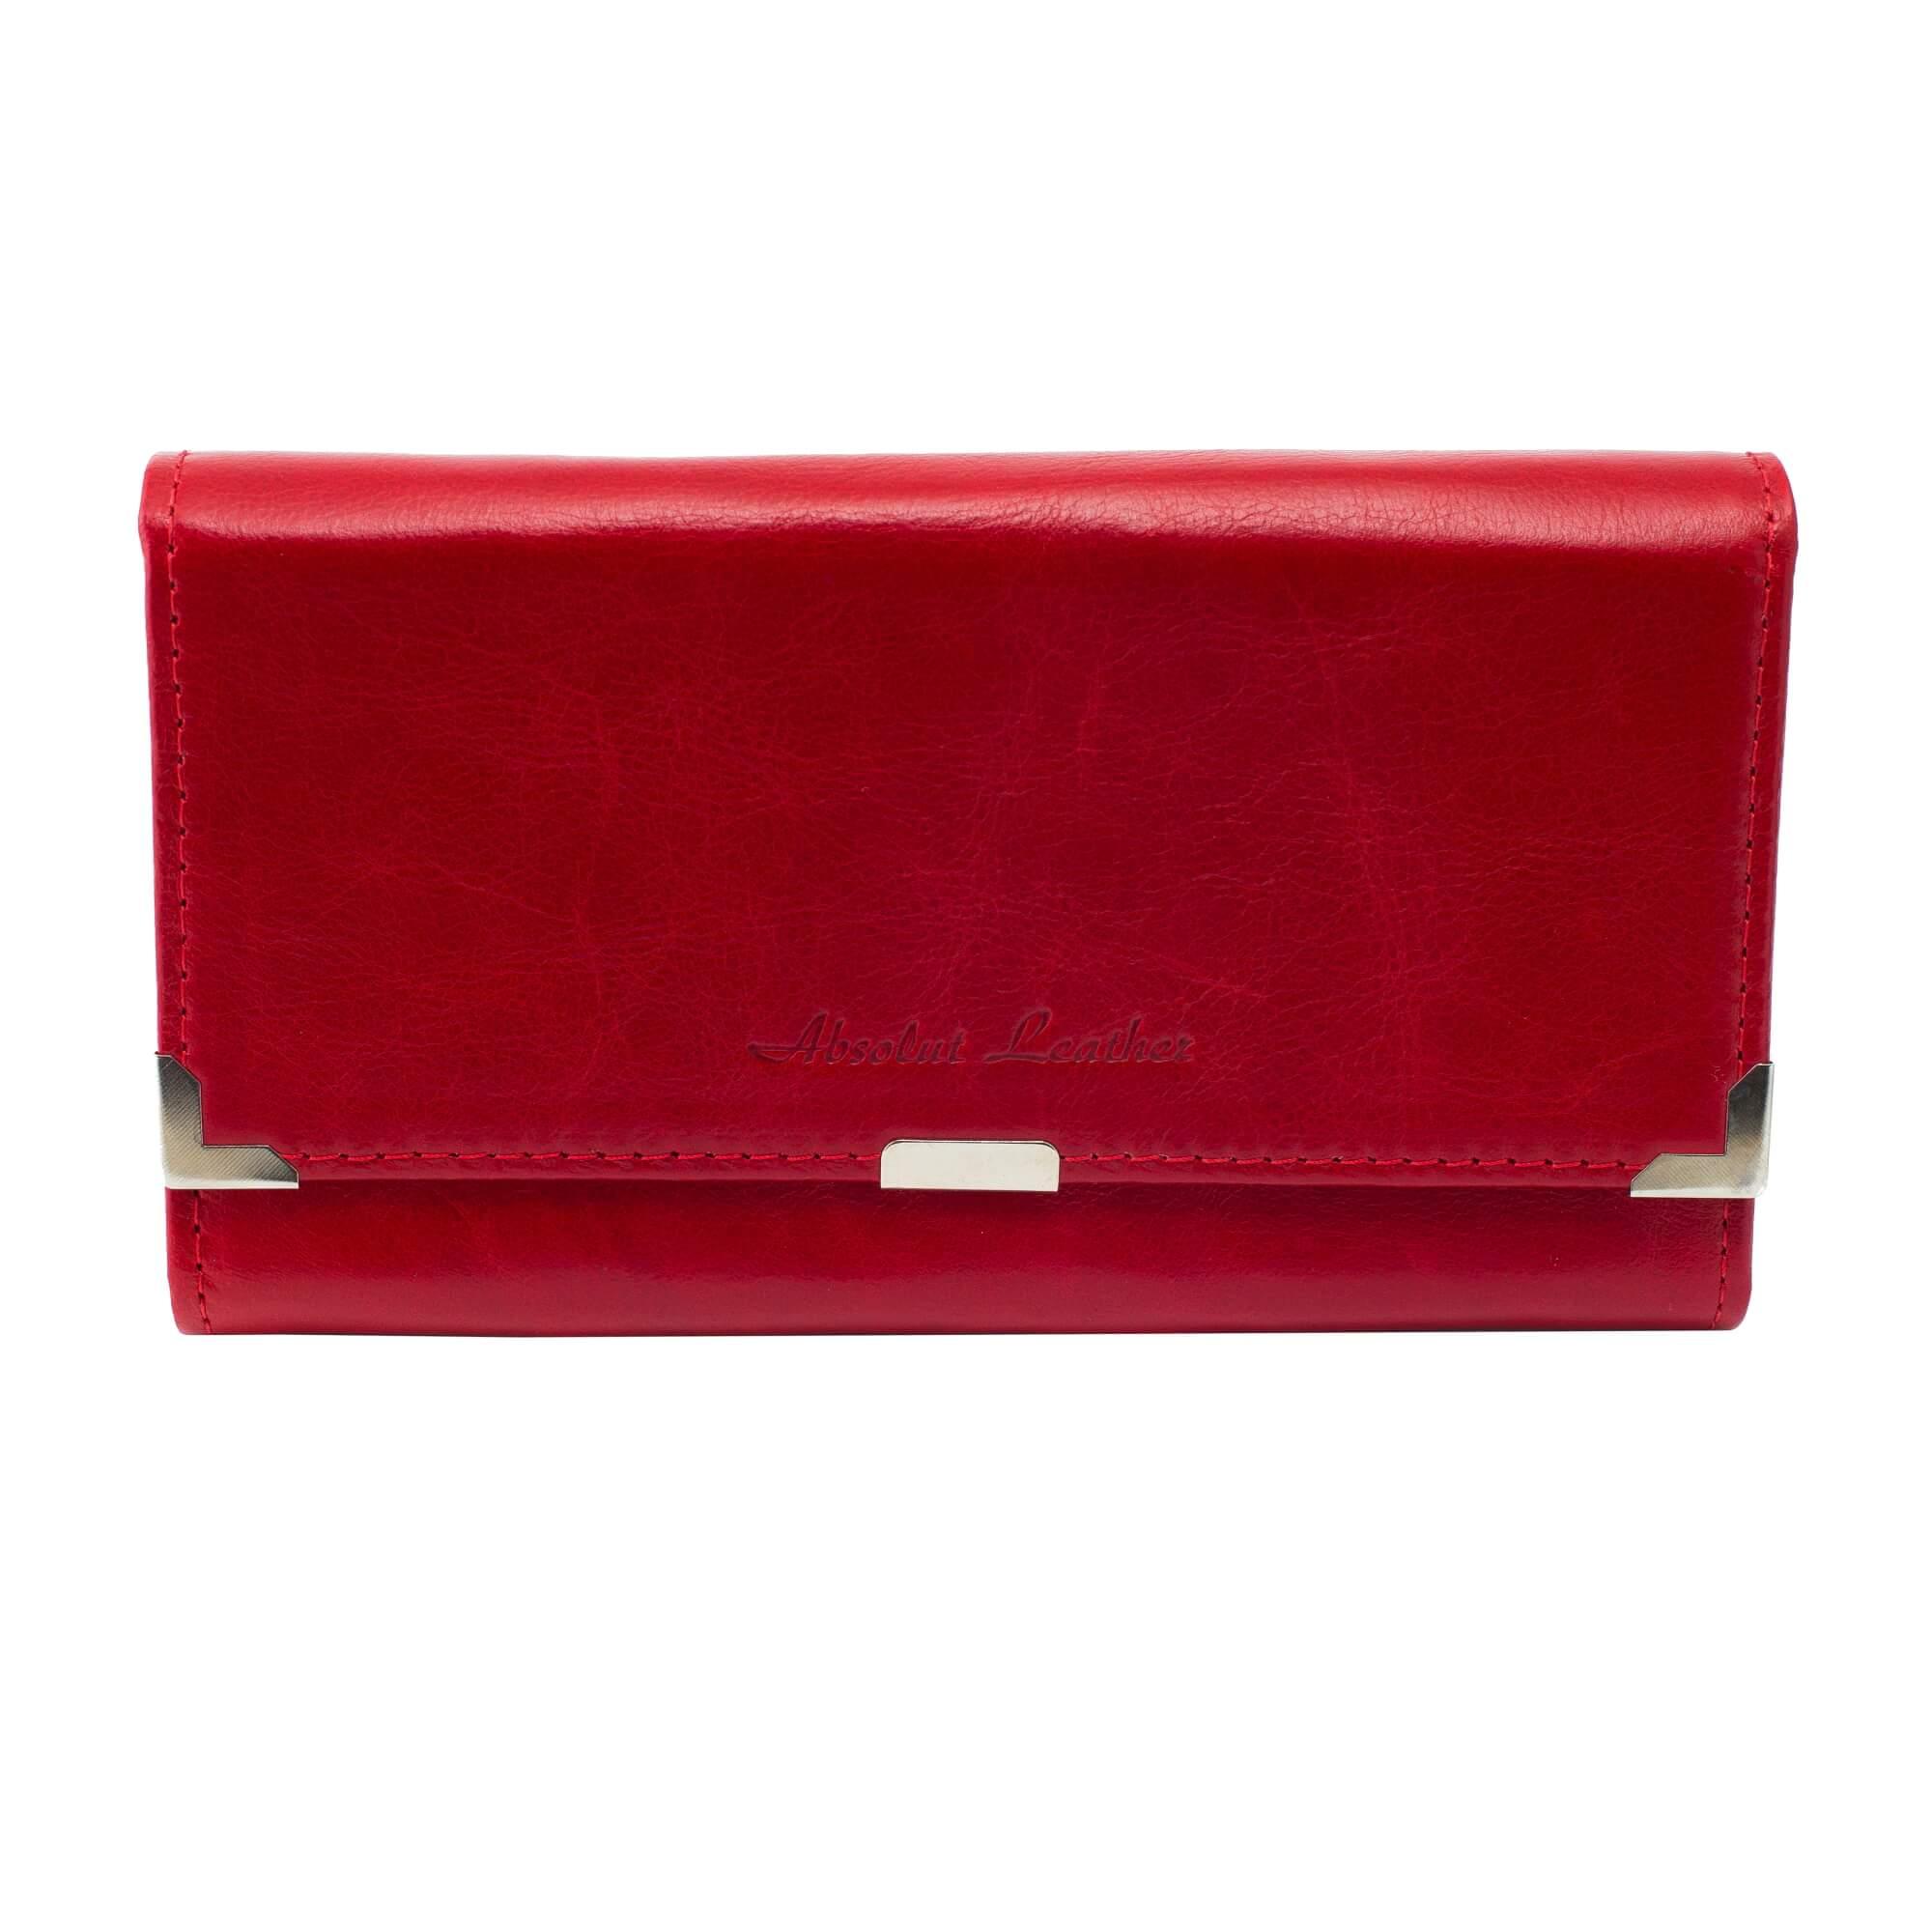 Piros 6 zsebes brifko sarokvedovel (2)